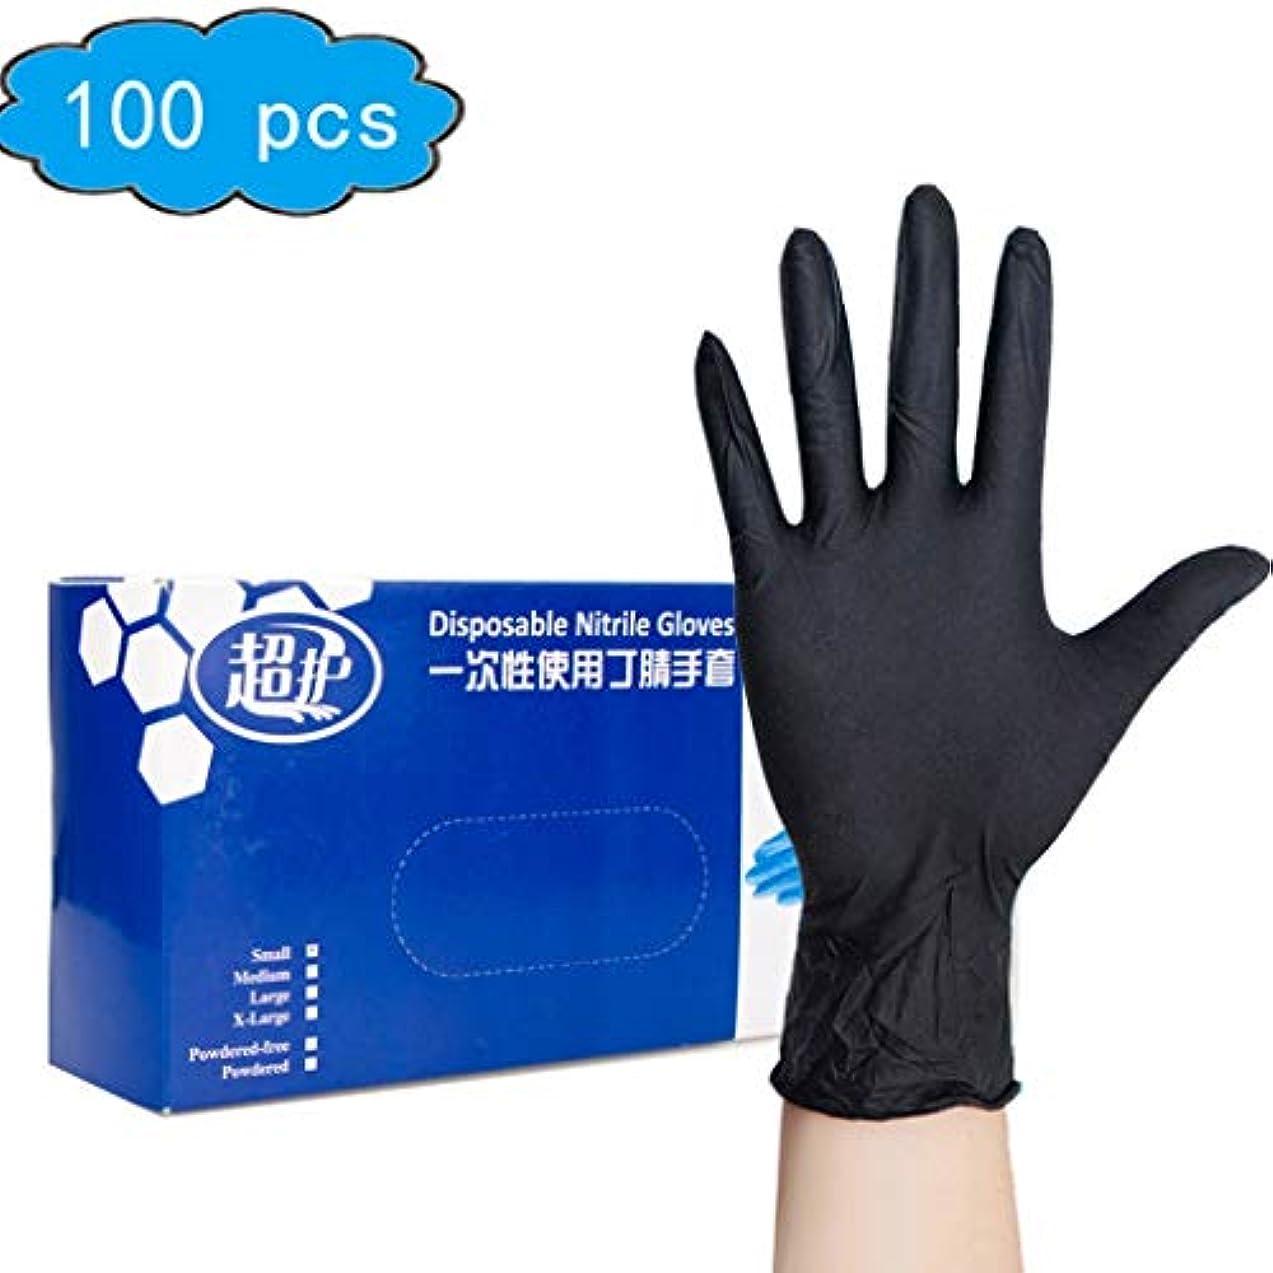 薄汚い強度規範使い捨てニトリルエクストラストロング手袋、パウダーフリー、工業用手袋、100 PCS (Color : Black, Size : M)